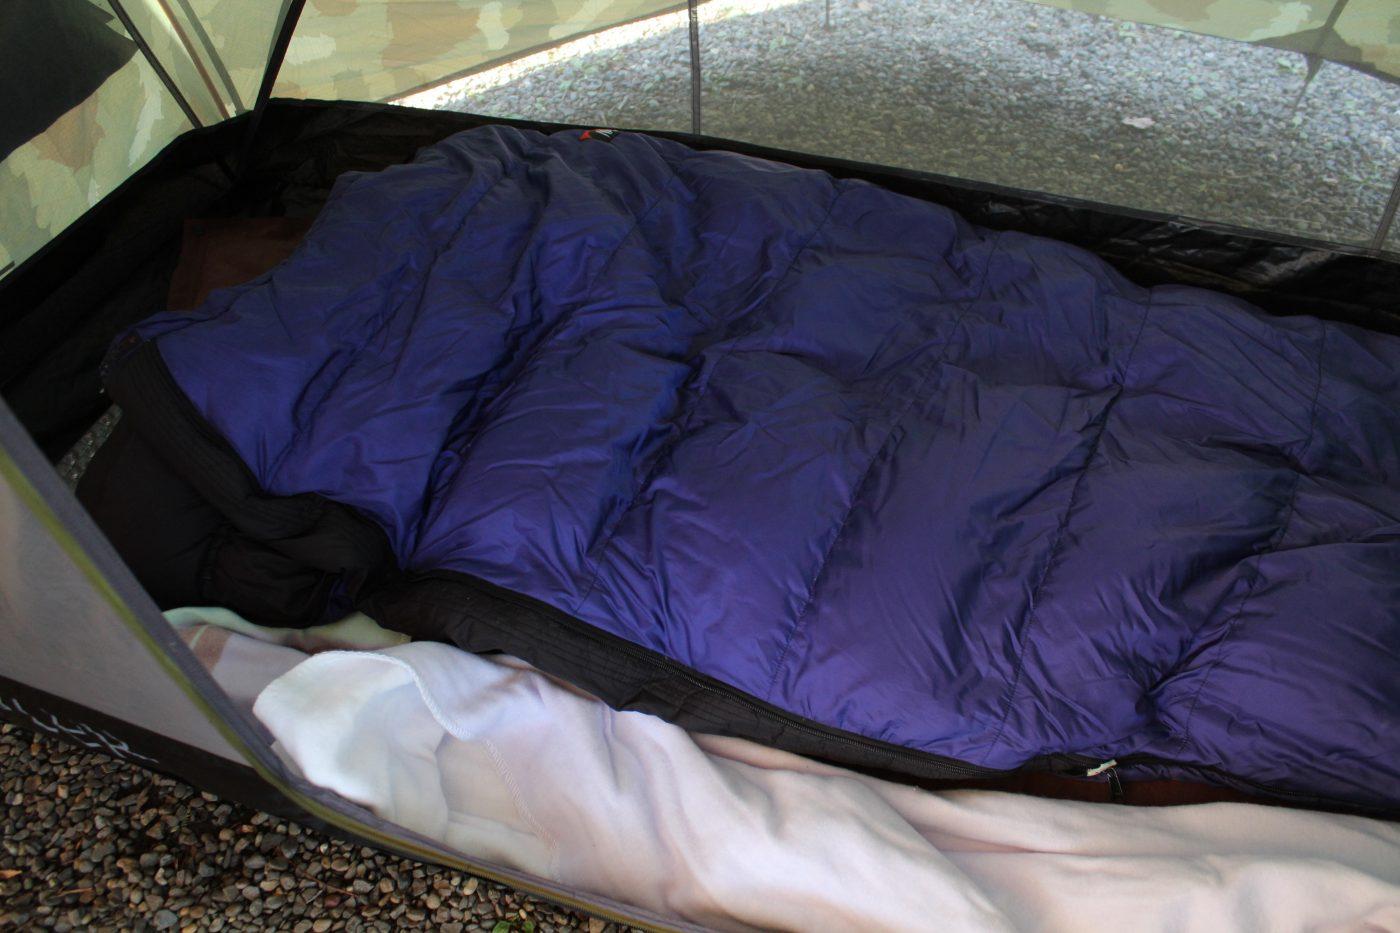 電気毛布をかけて寝ると翌朝にはずり落ちている